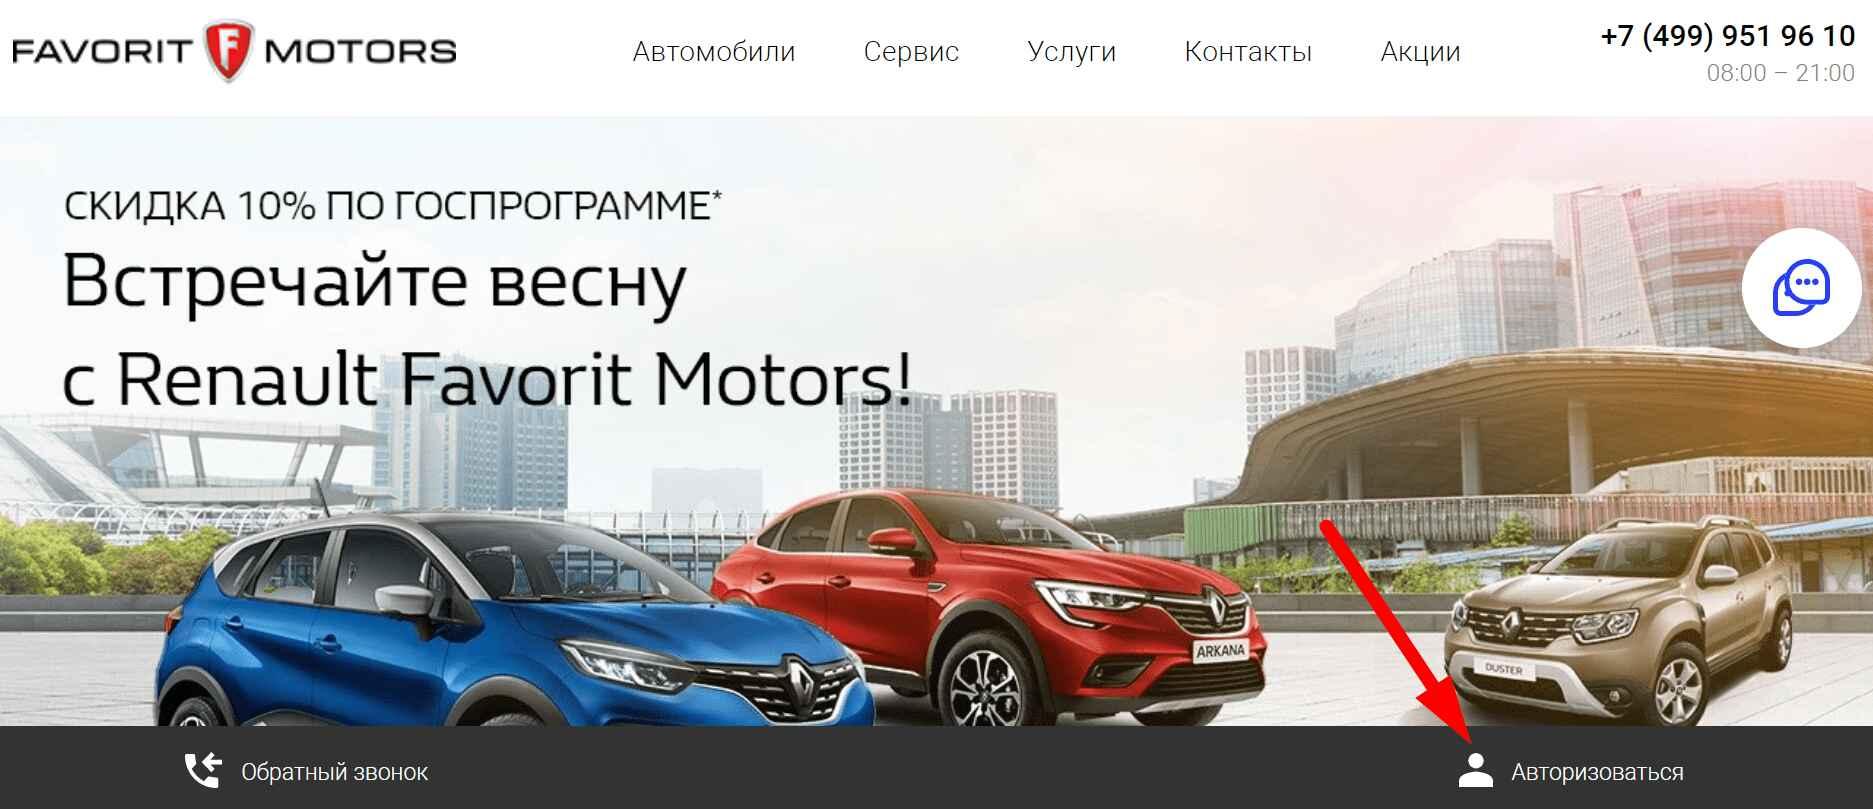 Ссылка на сайт Группы компаний FAVORIT MOTORS